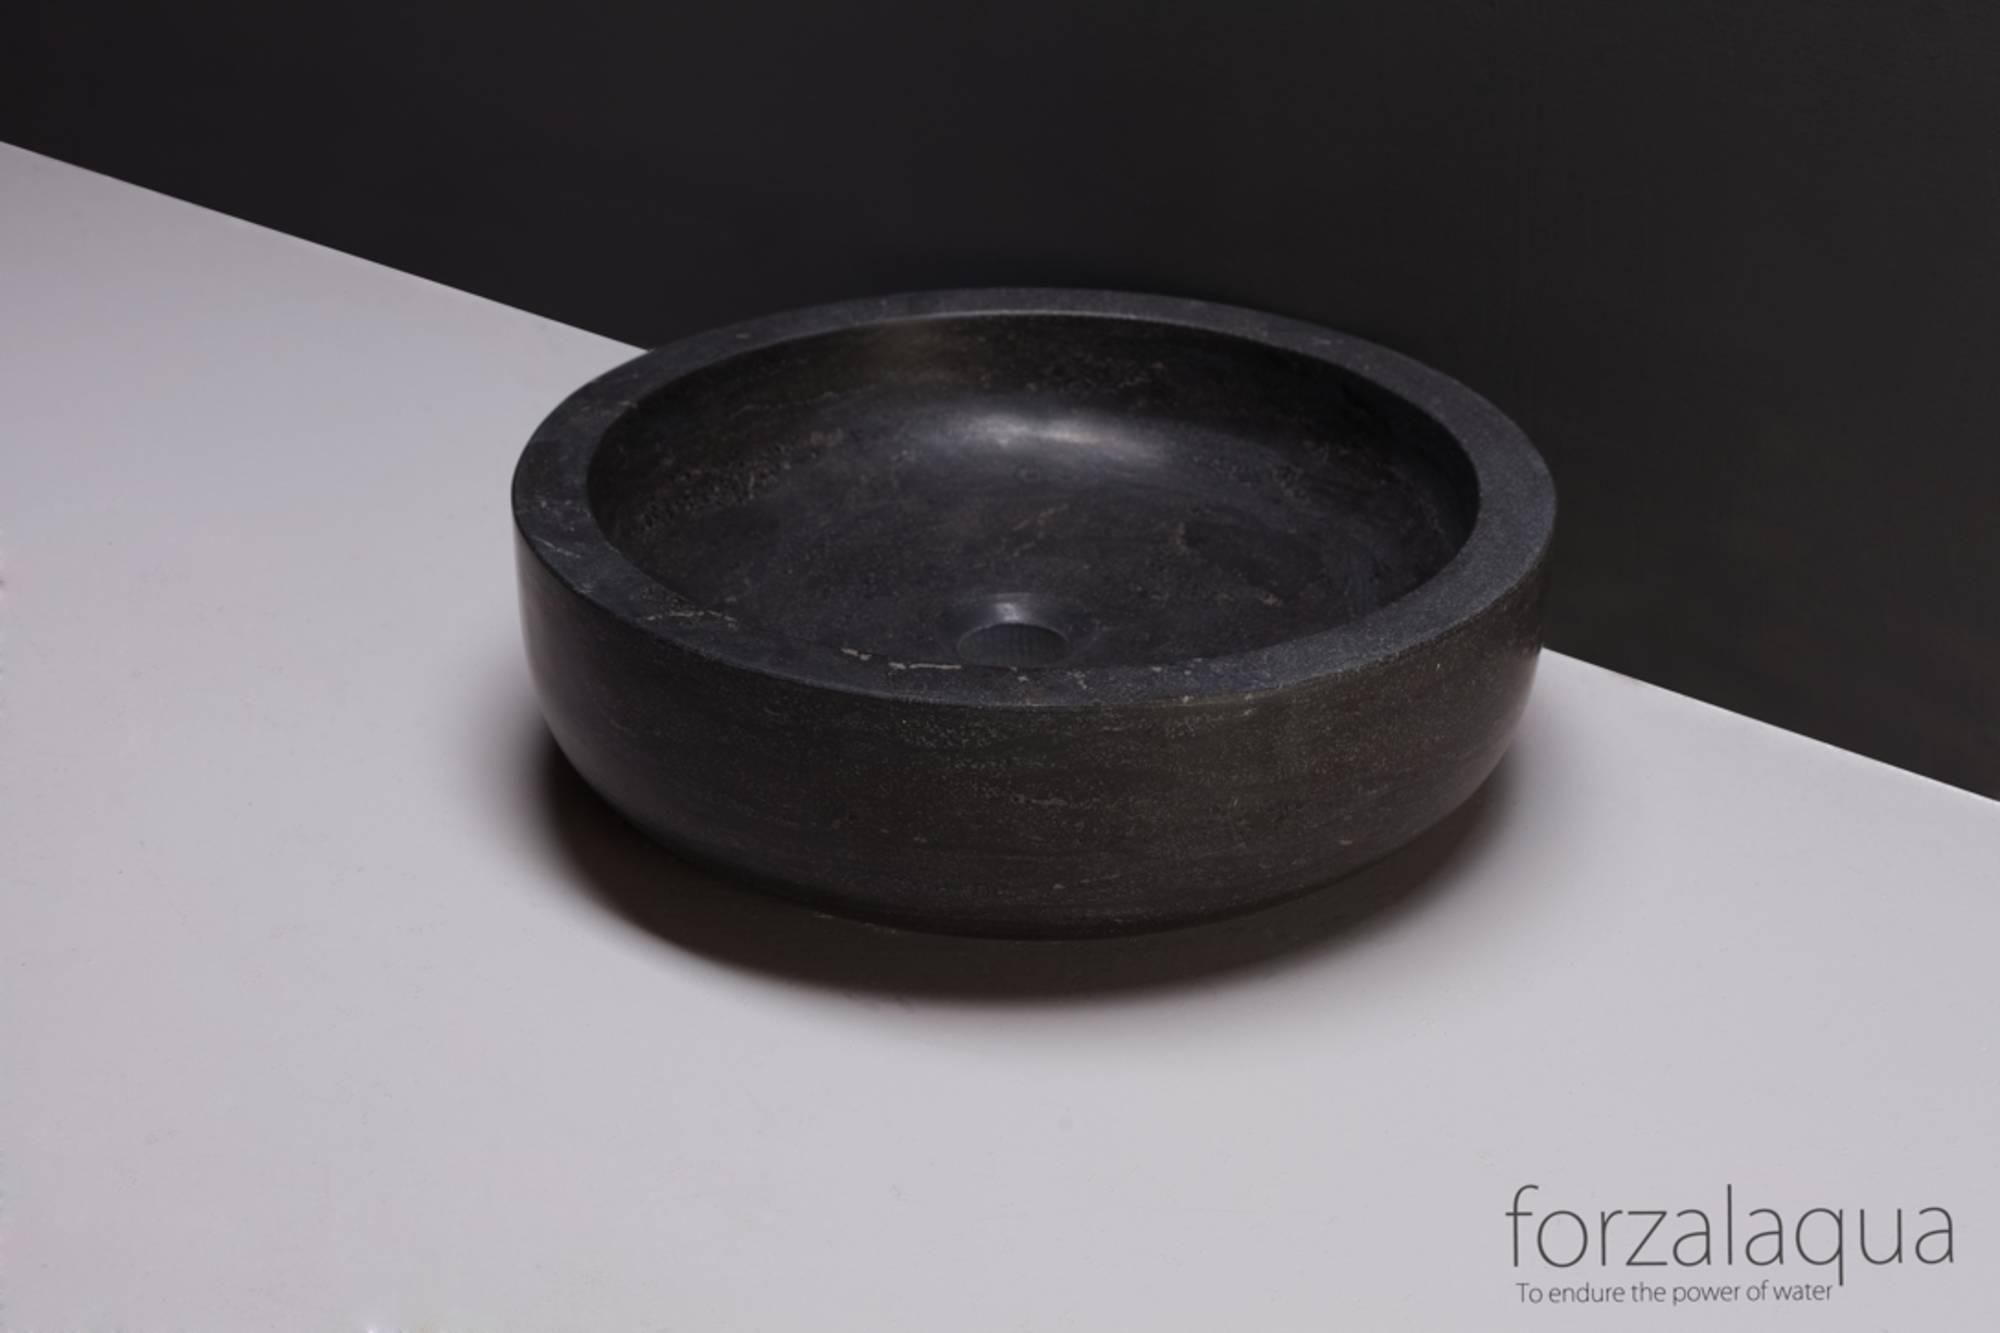 Forzalaqua Verona opzetkom 40x12cm hardsteen gezoet